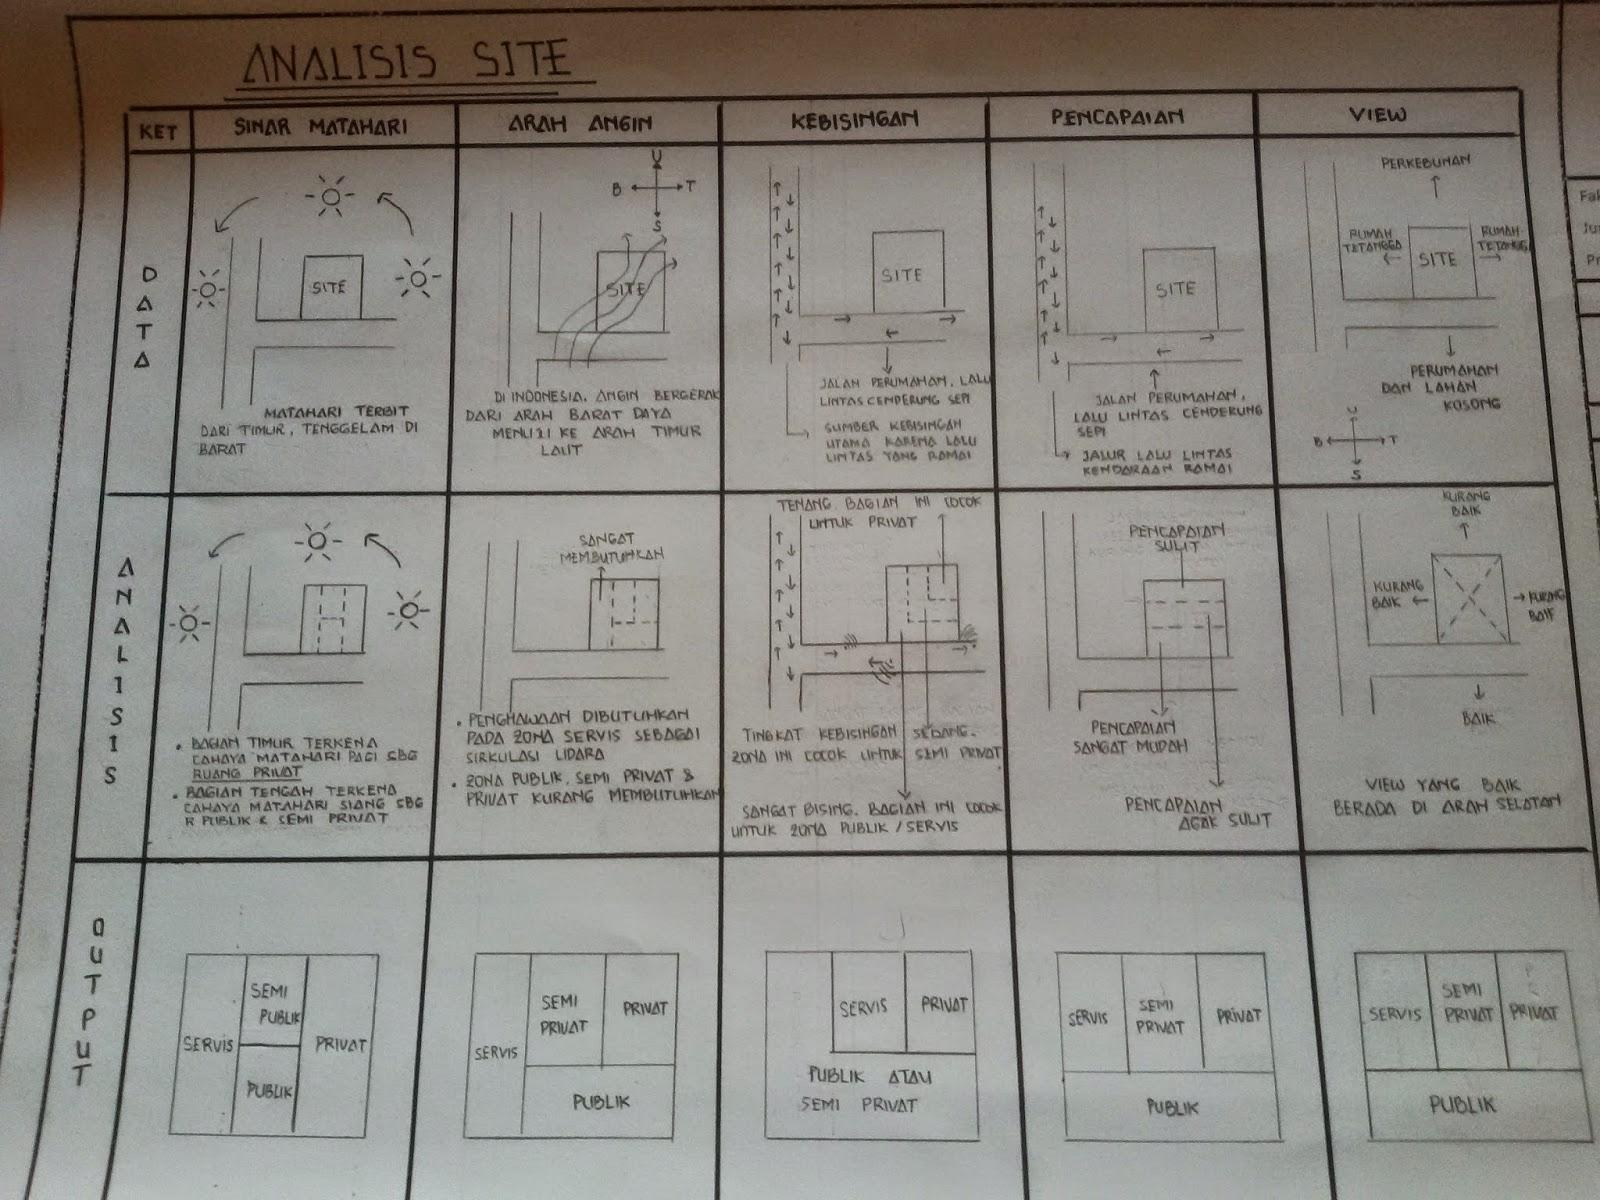 konsep ramah lingkungan studio perancangan arsitektur 2